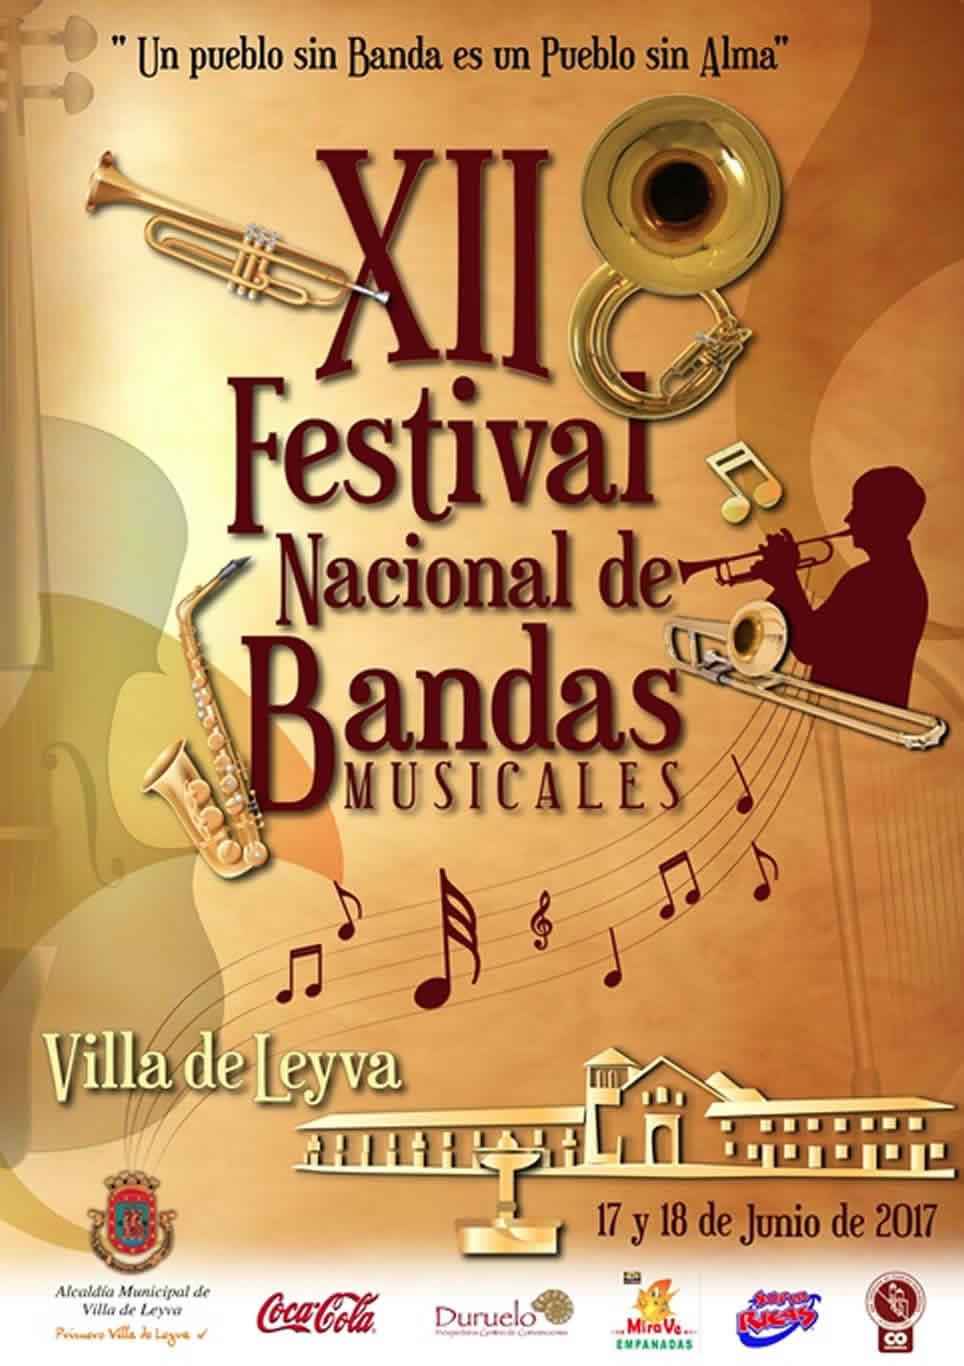 XII Festival Nacional de Bandas Musicales de Villa de Leyva